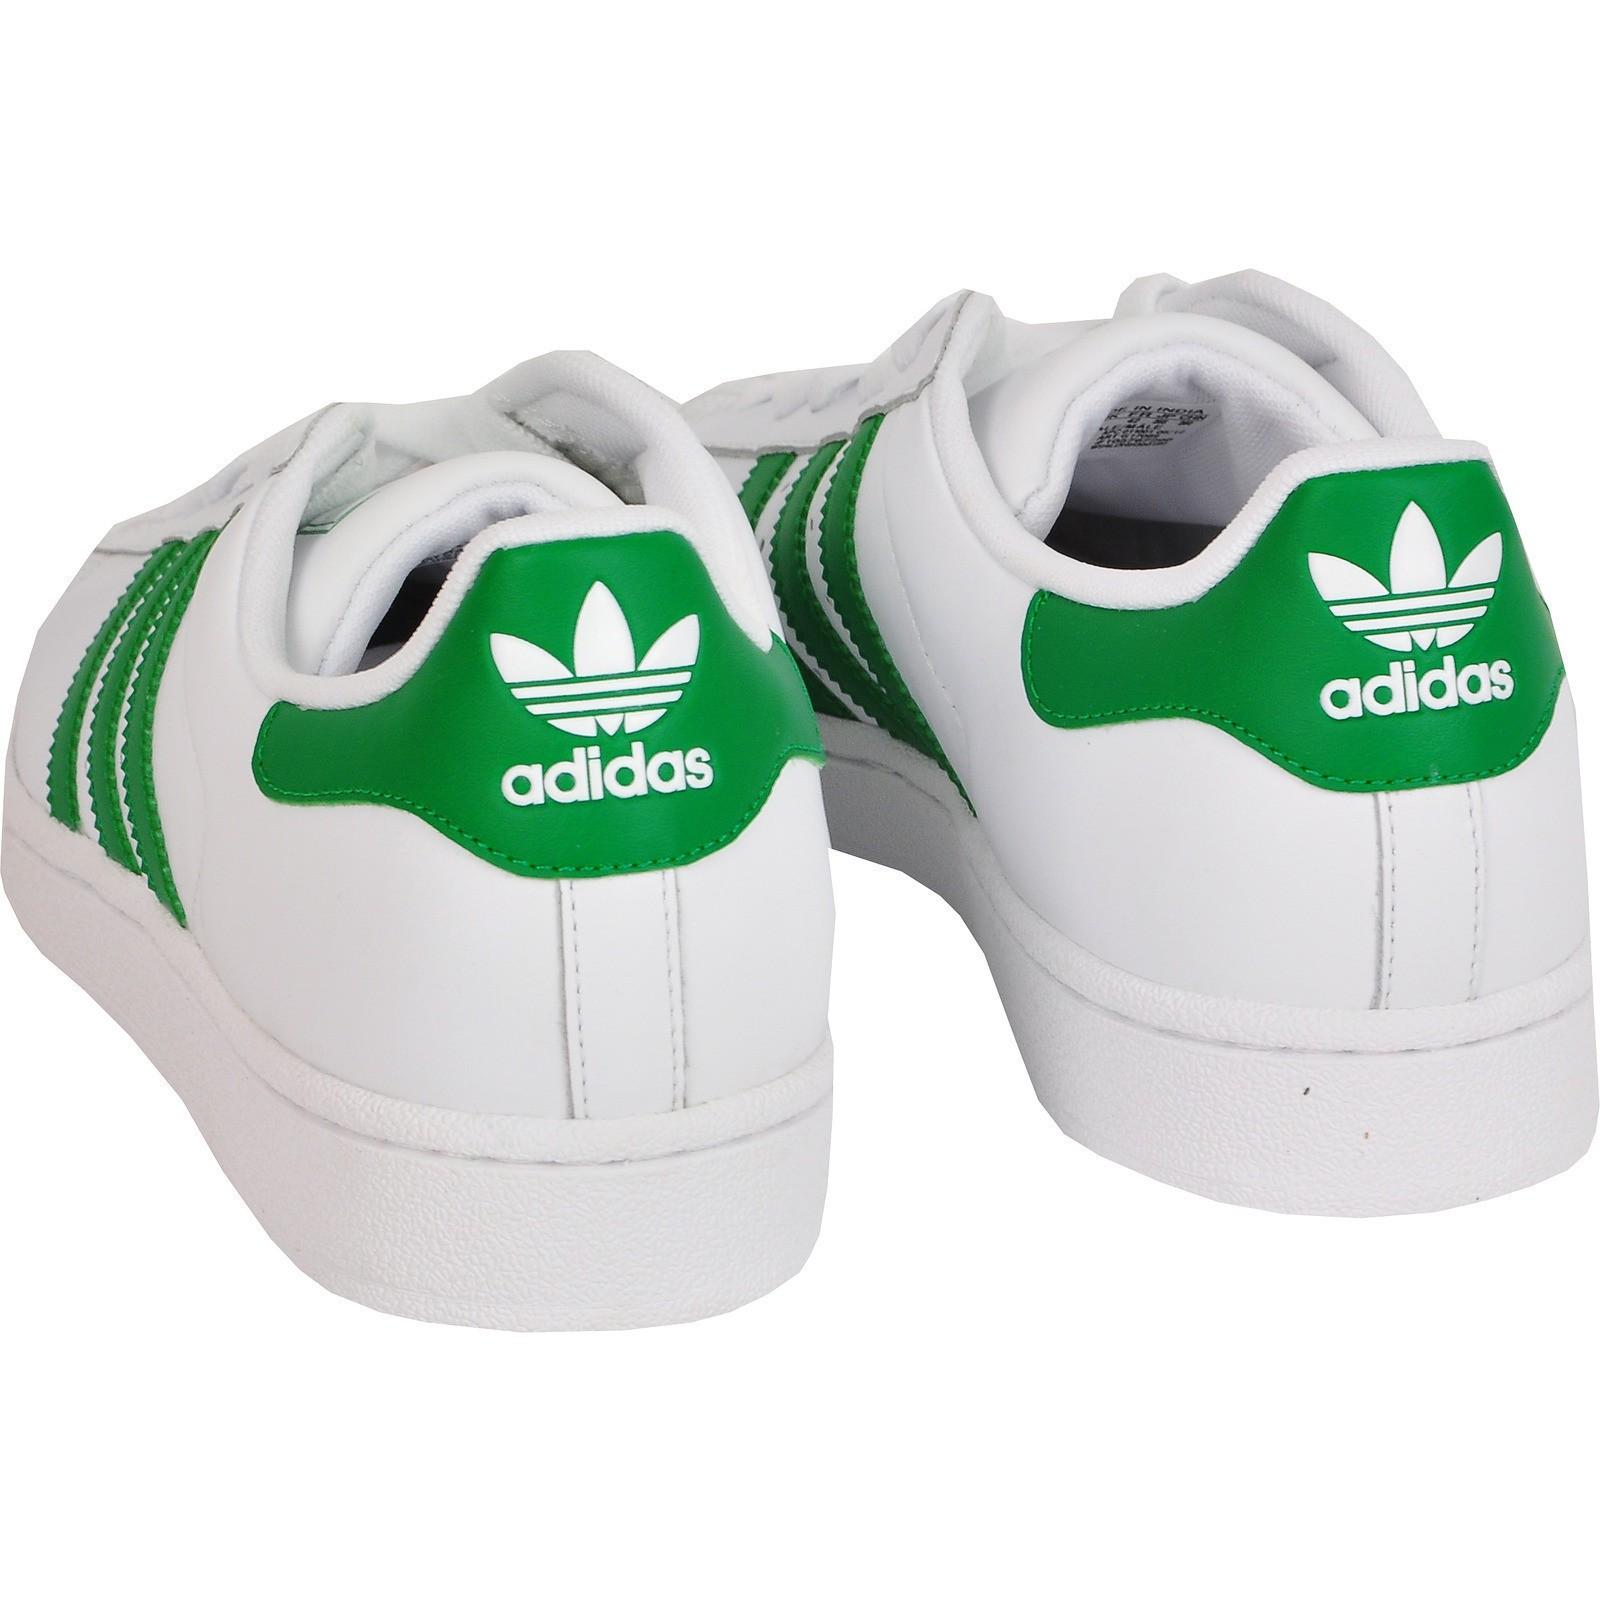 adidas superstars 2 herren weiß